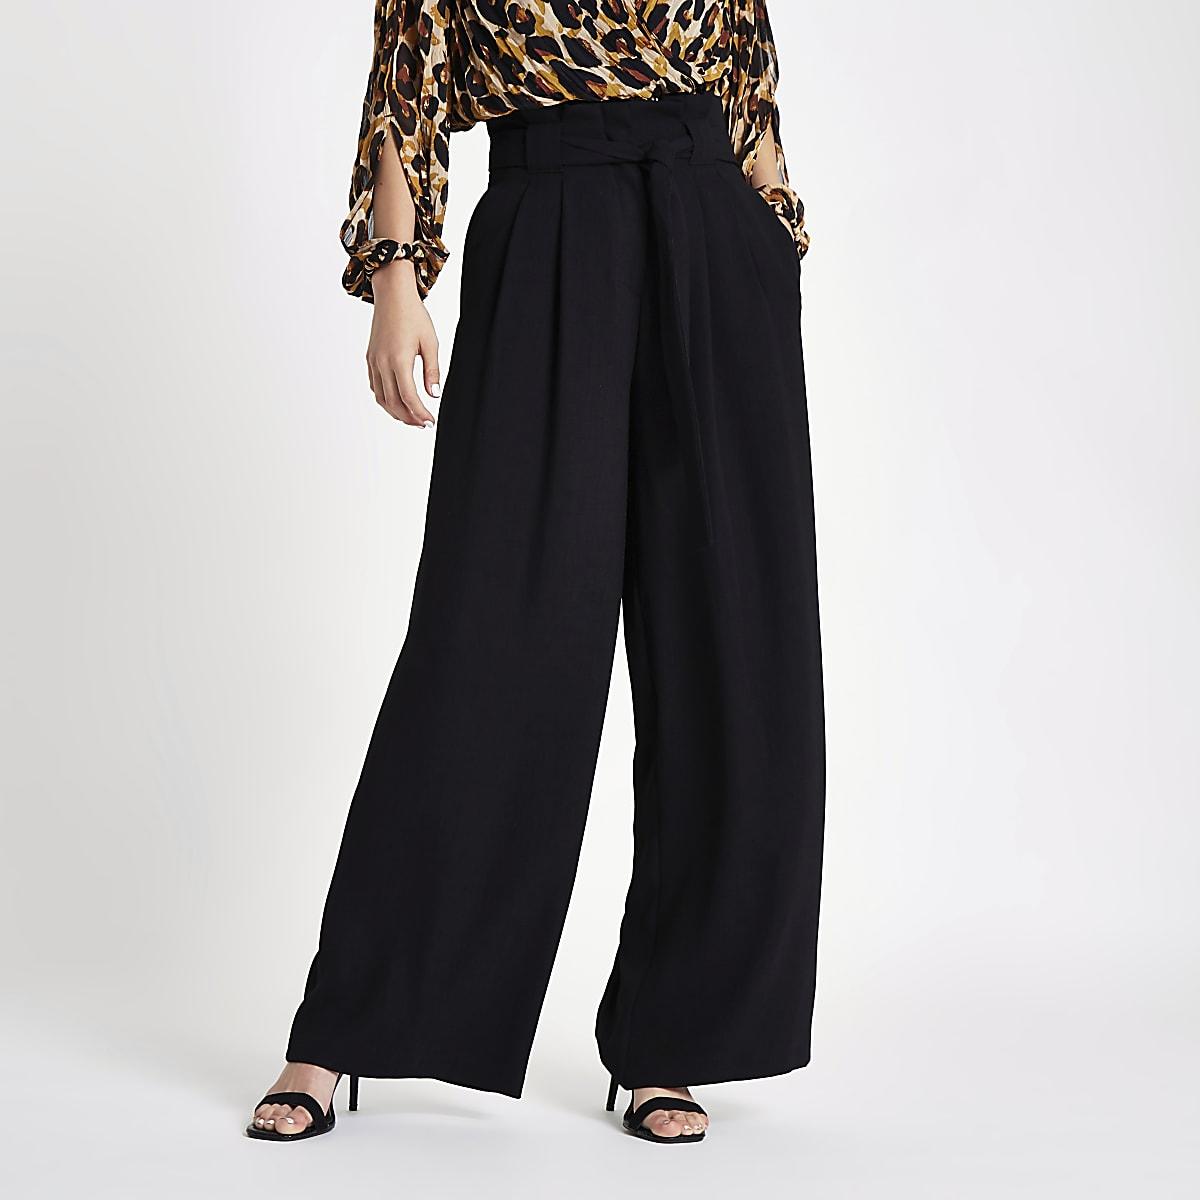 Black tie waist wide leg trousers